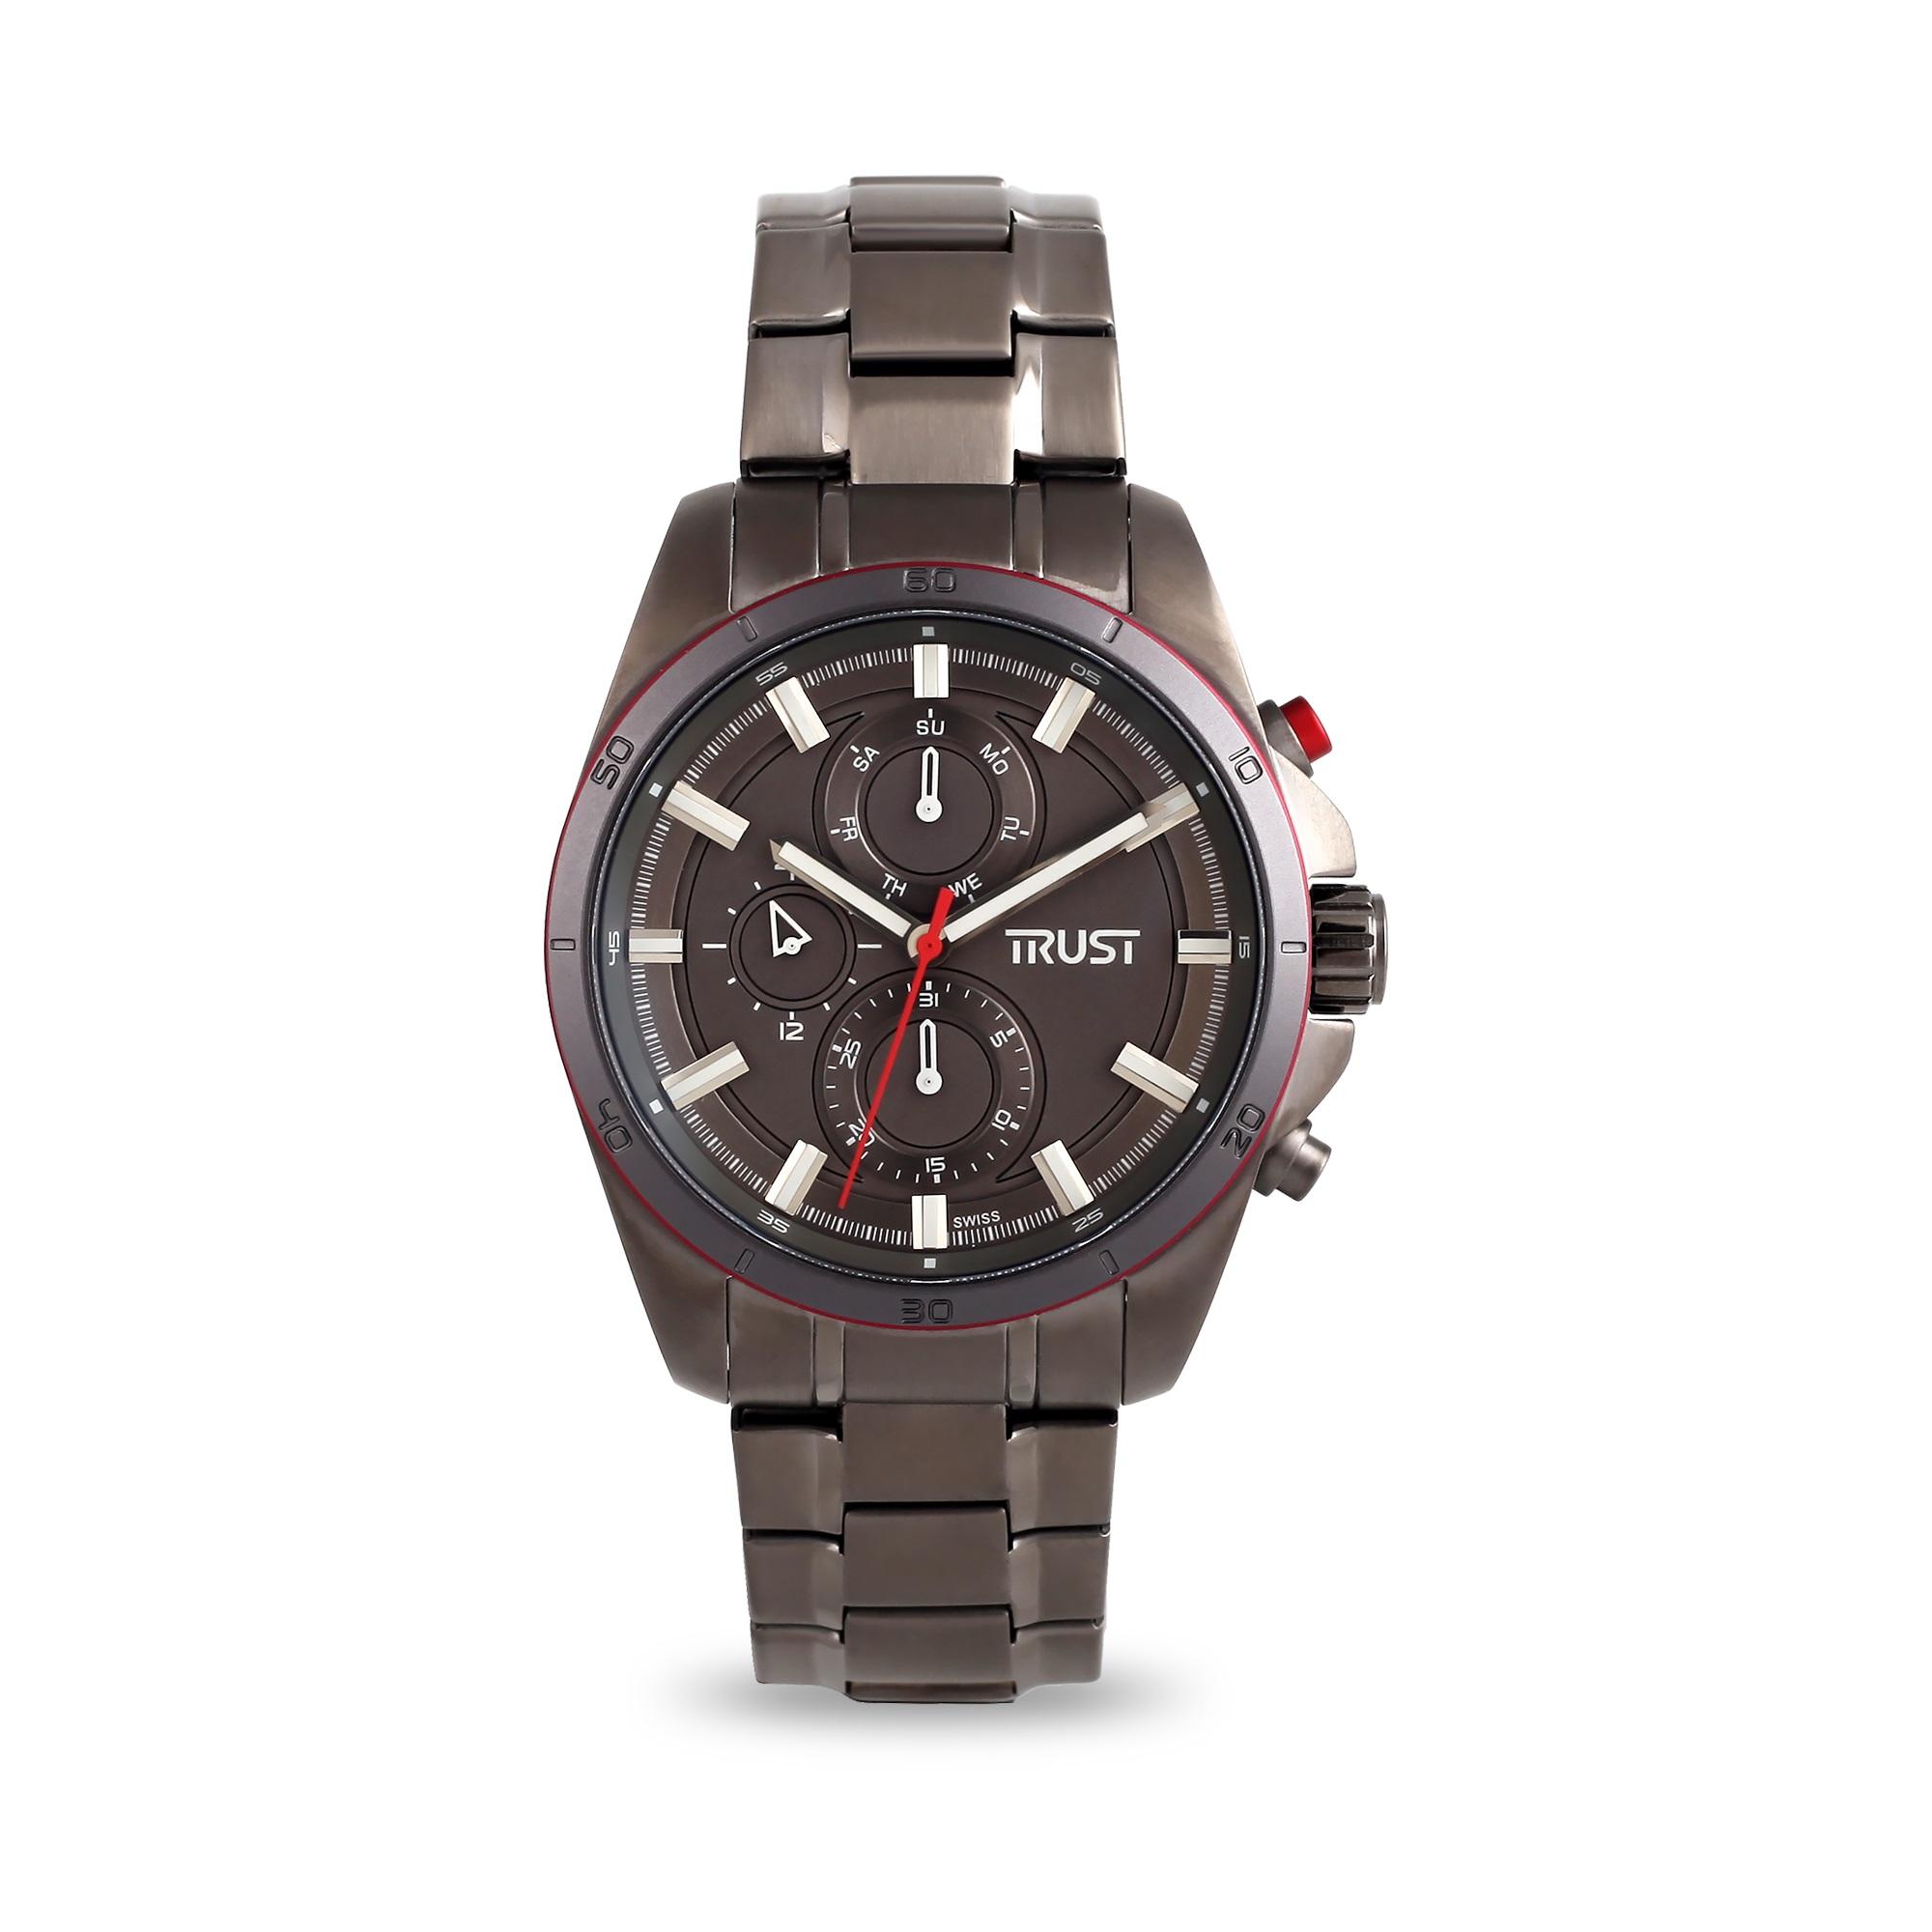 ساعت مچی عقربه ای مردانه تراست مدل  G495FTF 4